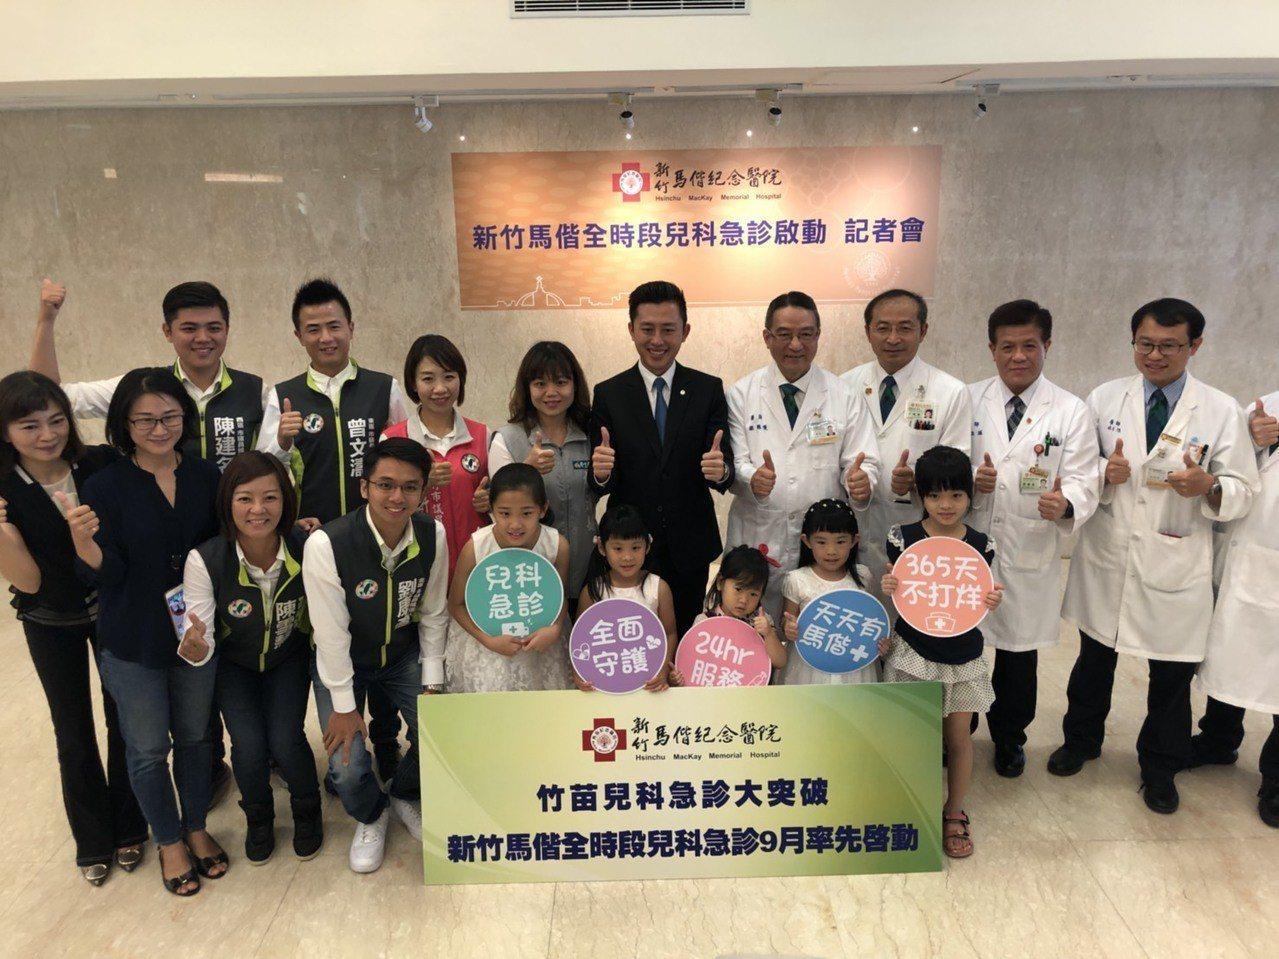 新竹馬偕今天宣布,自今年九月起,全時段提供兒科急診醫療服務。記者郭政芬/攝影